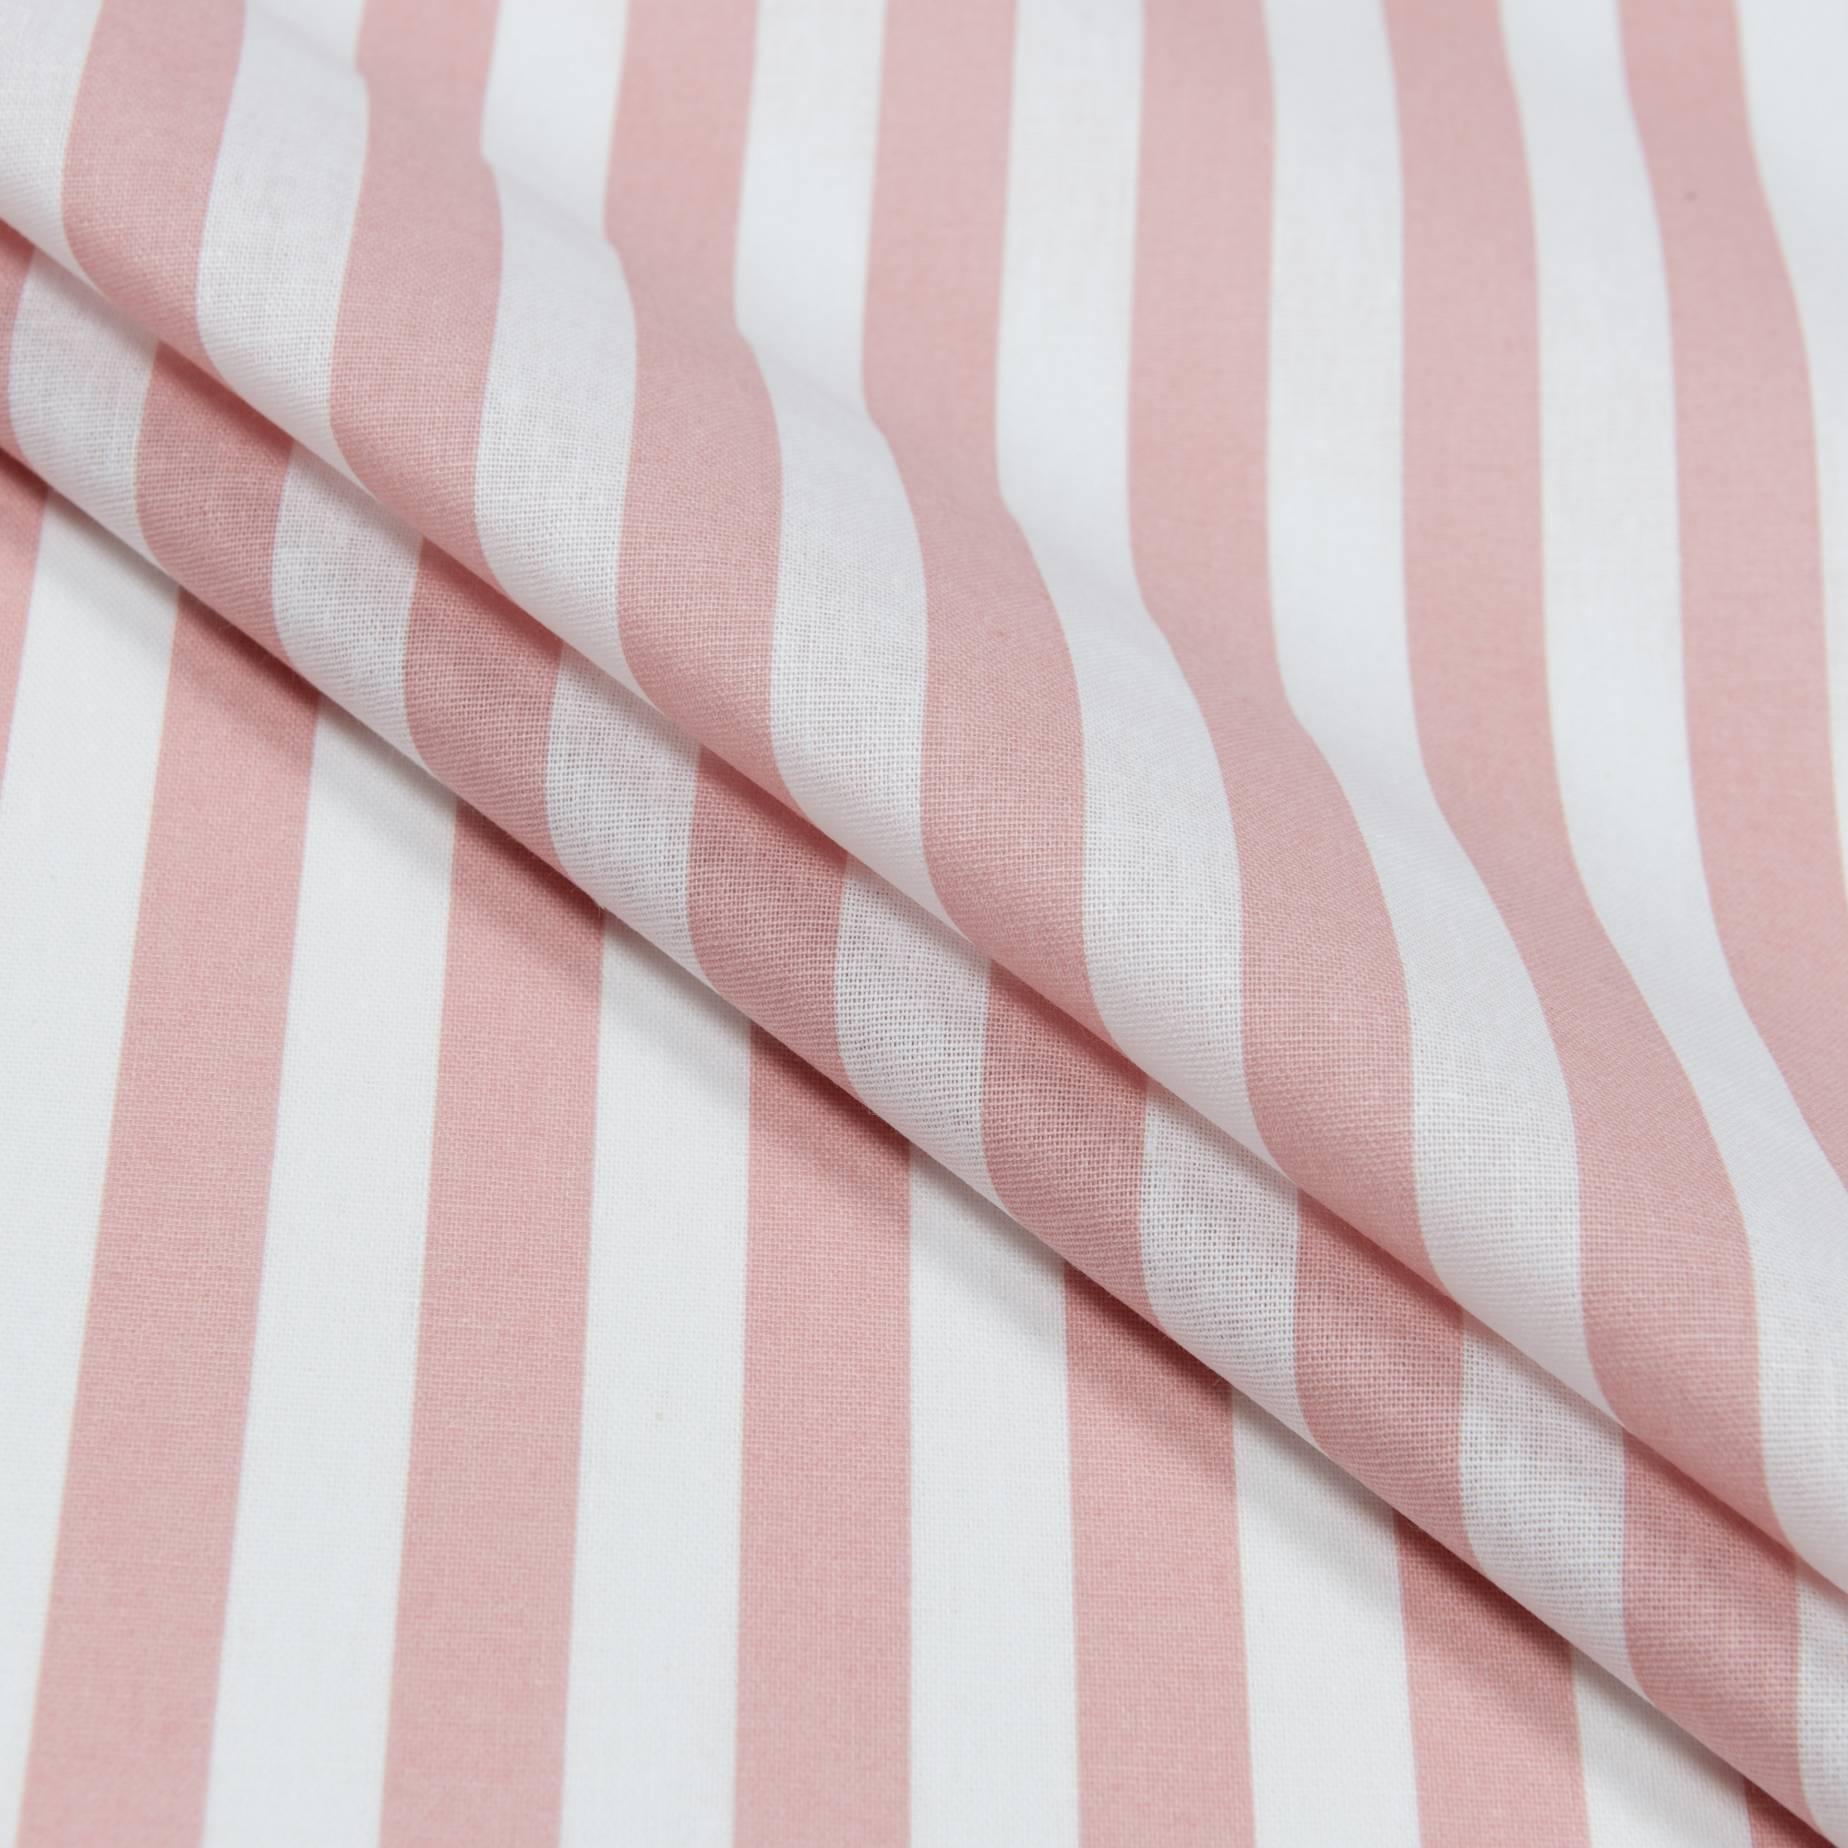 Бязь набивная, Полоса, розовая, плотность 120, 50x55, хлопок 100%